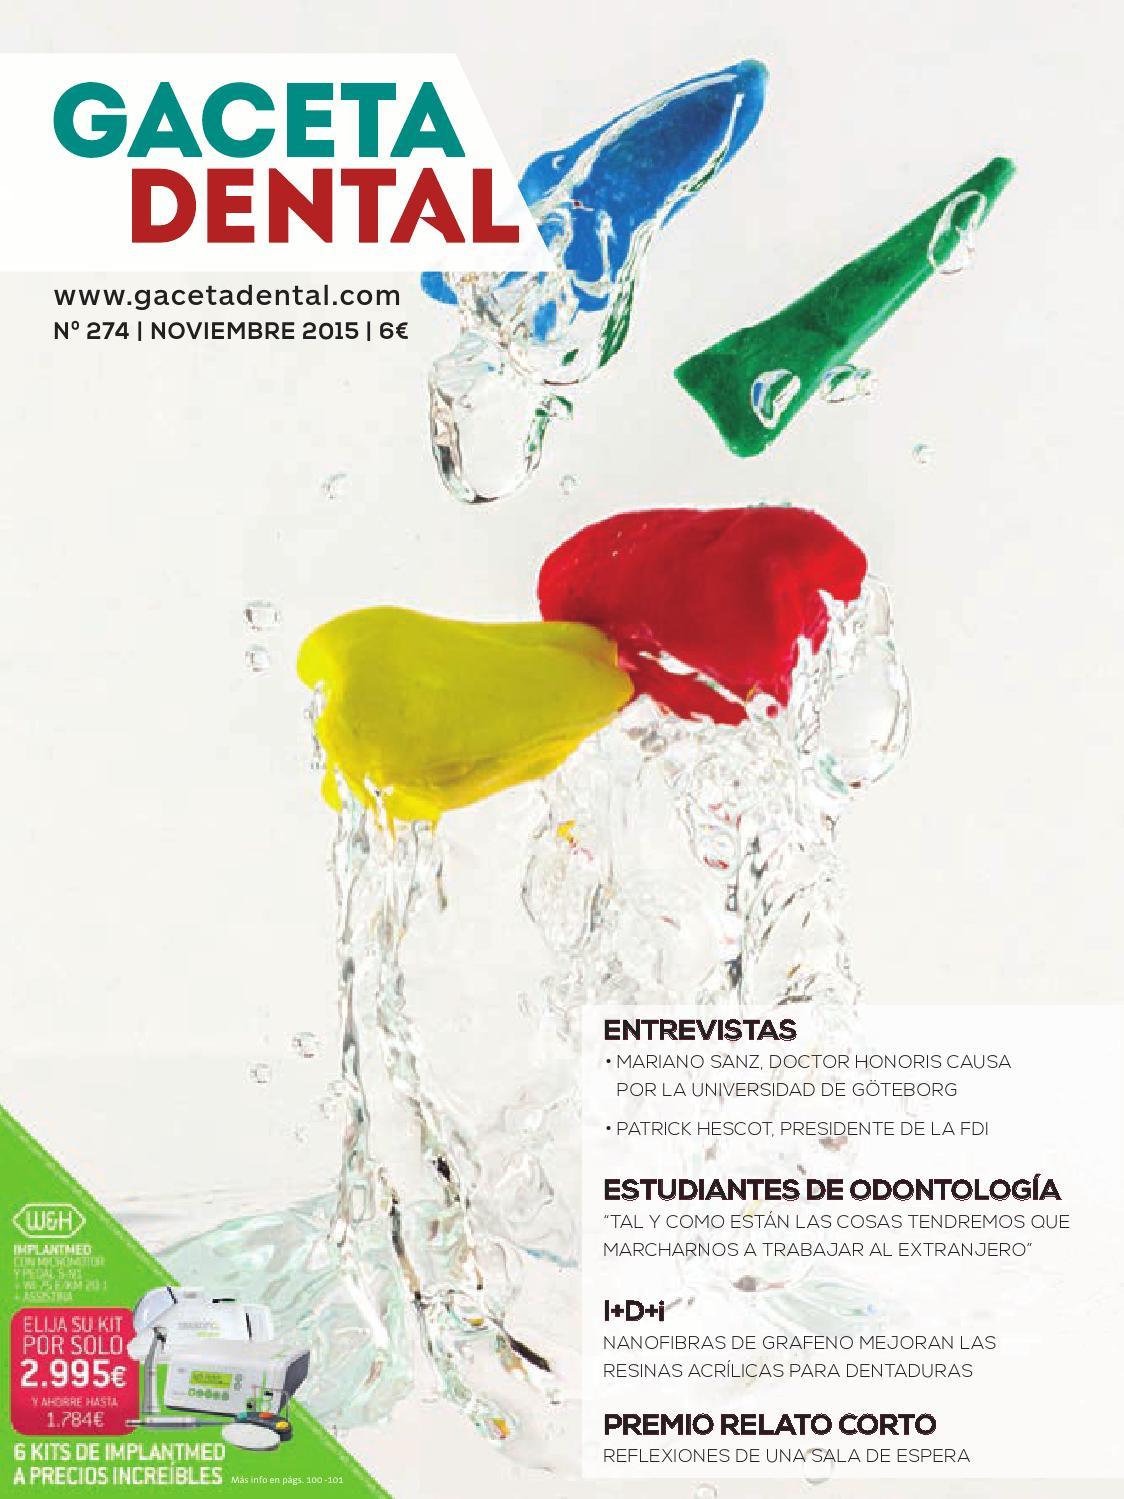 Gaceta Dental - 274 by Peldaño - issuu